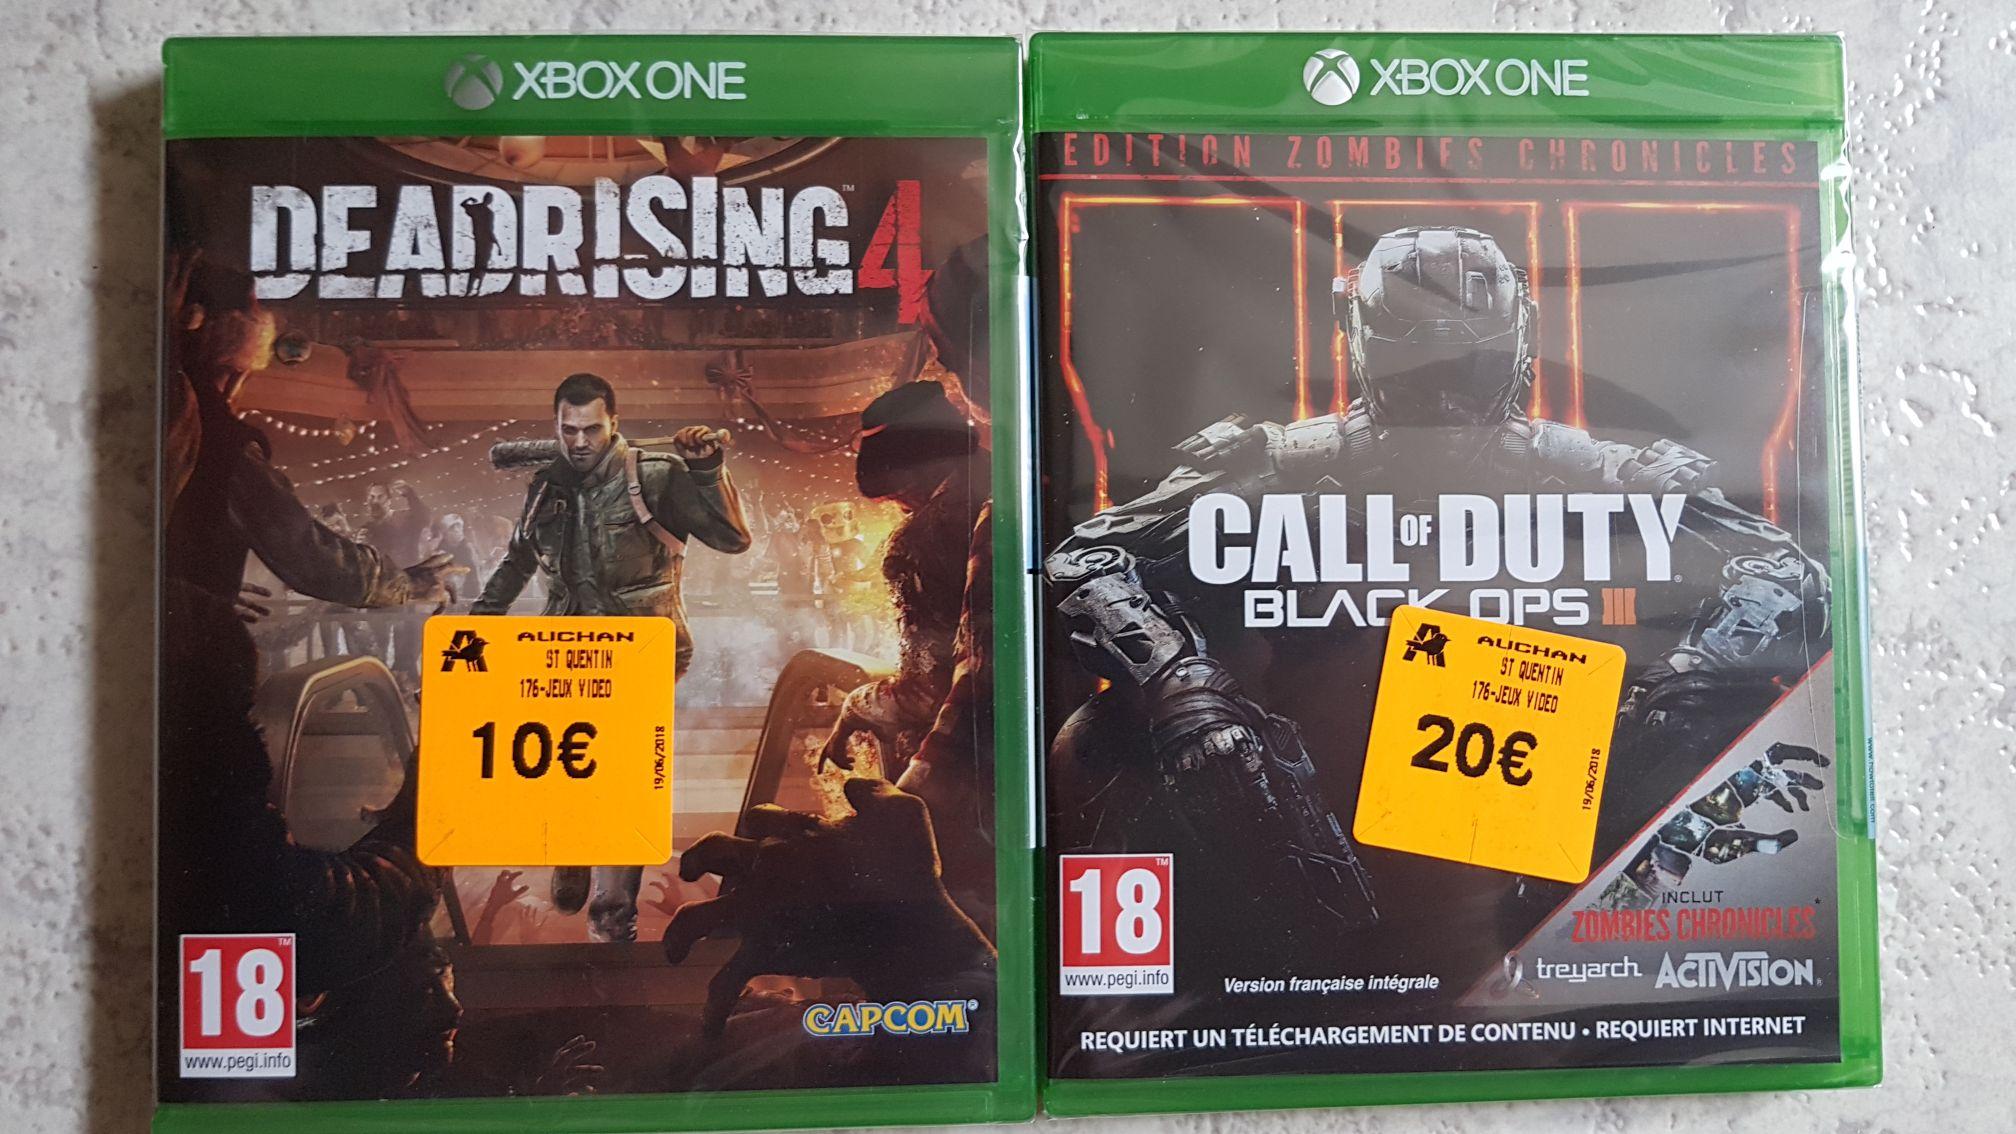 Sélection de jeux Xbox et PS4 en promotion - Ex: Call of Duty Black Ops 3 (Carte zombie incluse) sur Xbox One - Saint-Quentin (02)